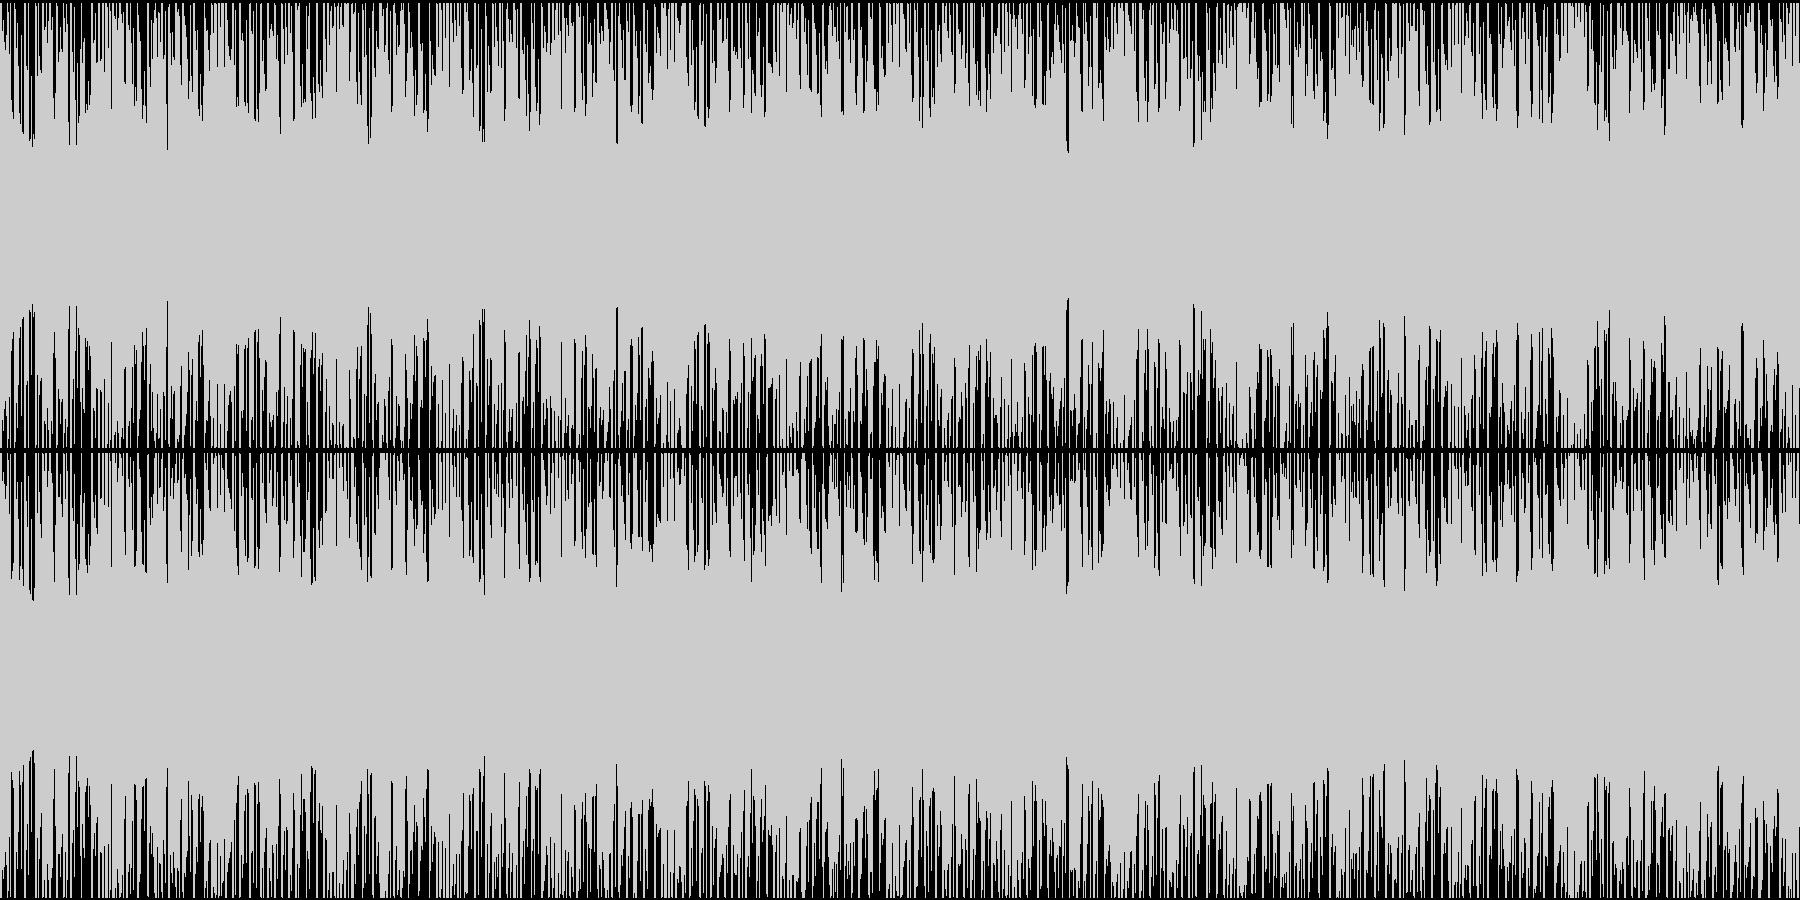 相談や議論のシーンに合いそうなループ曲の未再生の波形